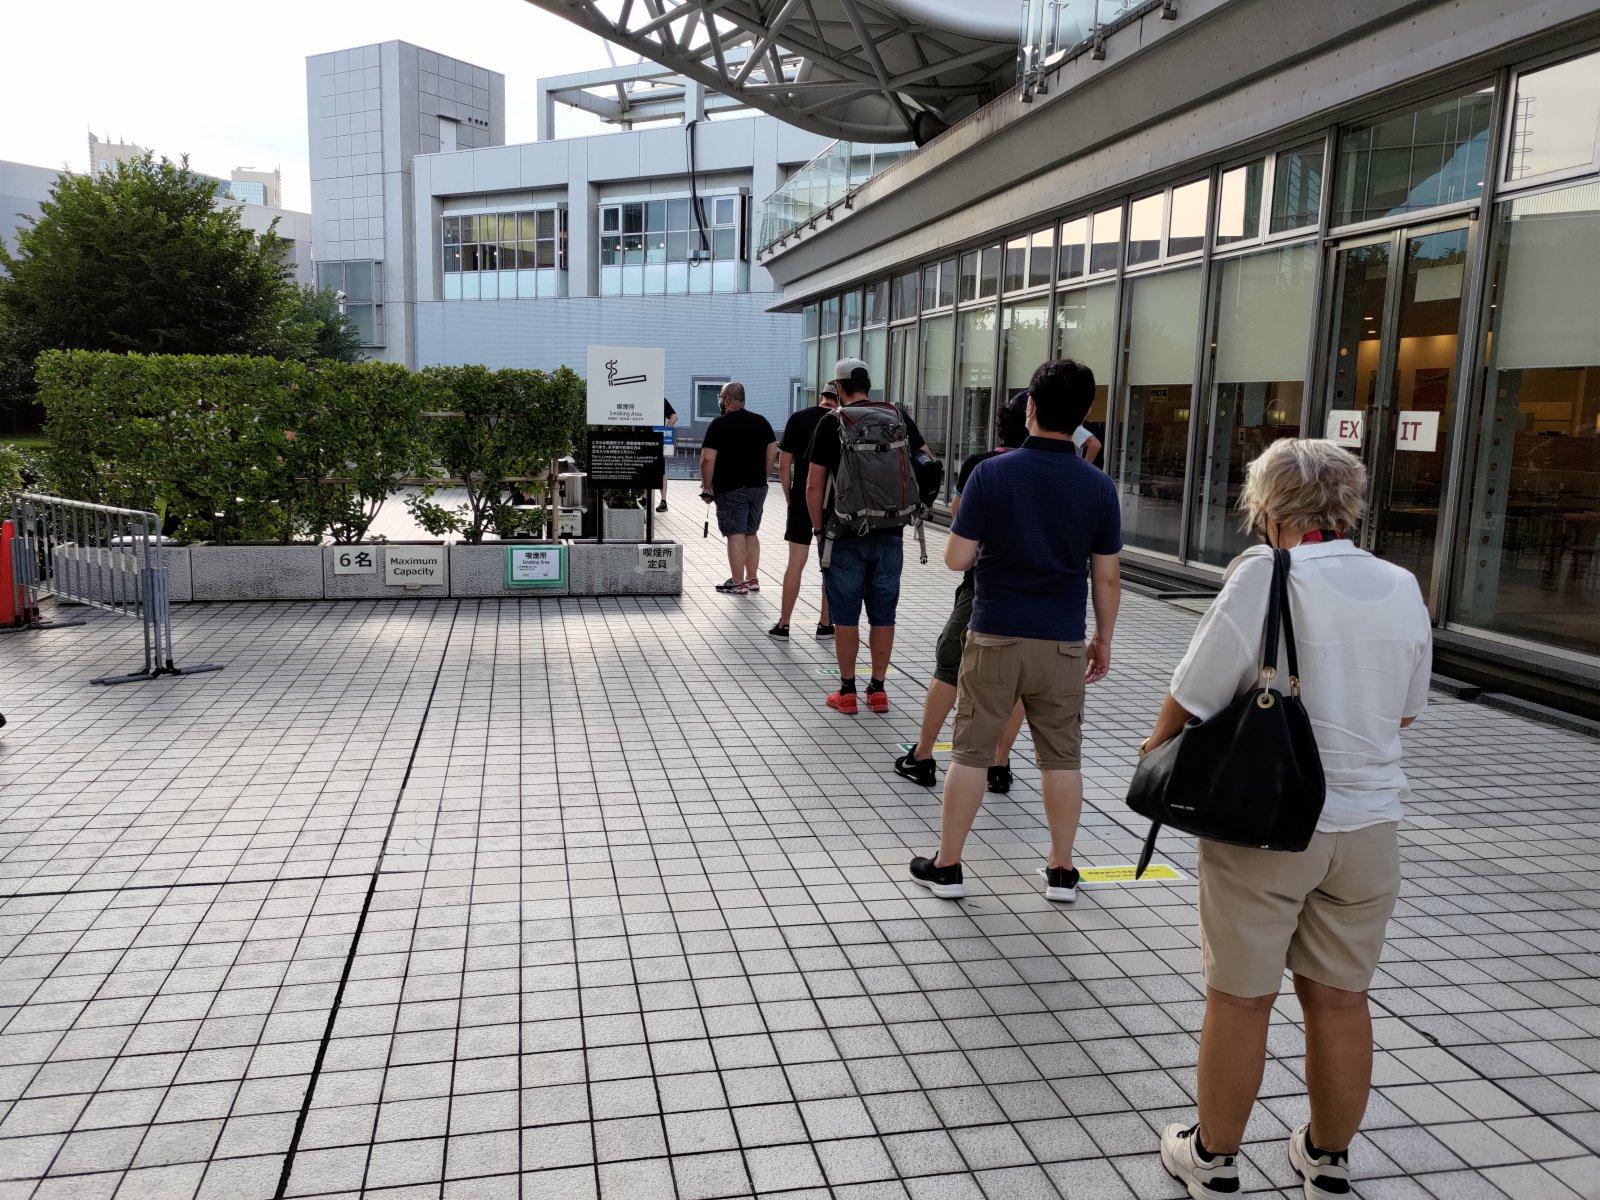 傳媒中心場館外設有專門吸煙區,長期有記者在外排隊。(大公報記者 張銳 攝)